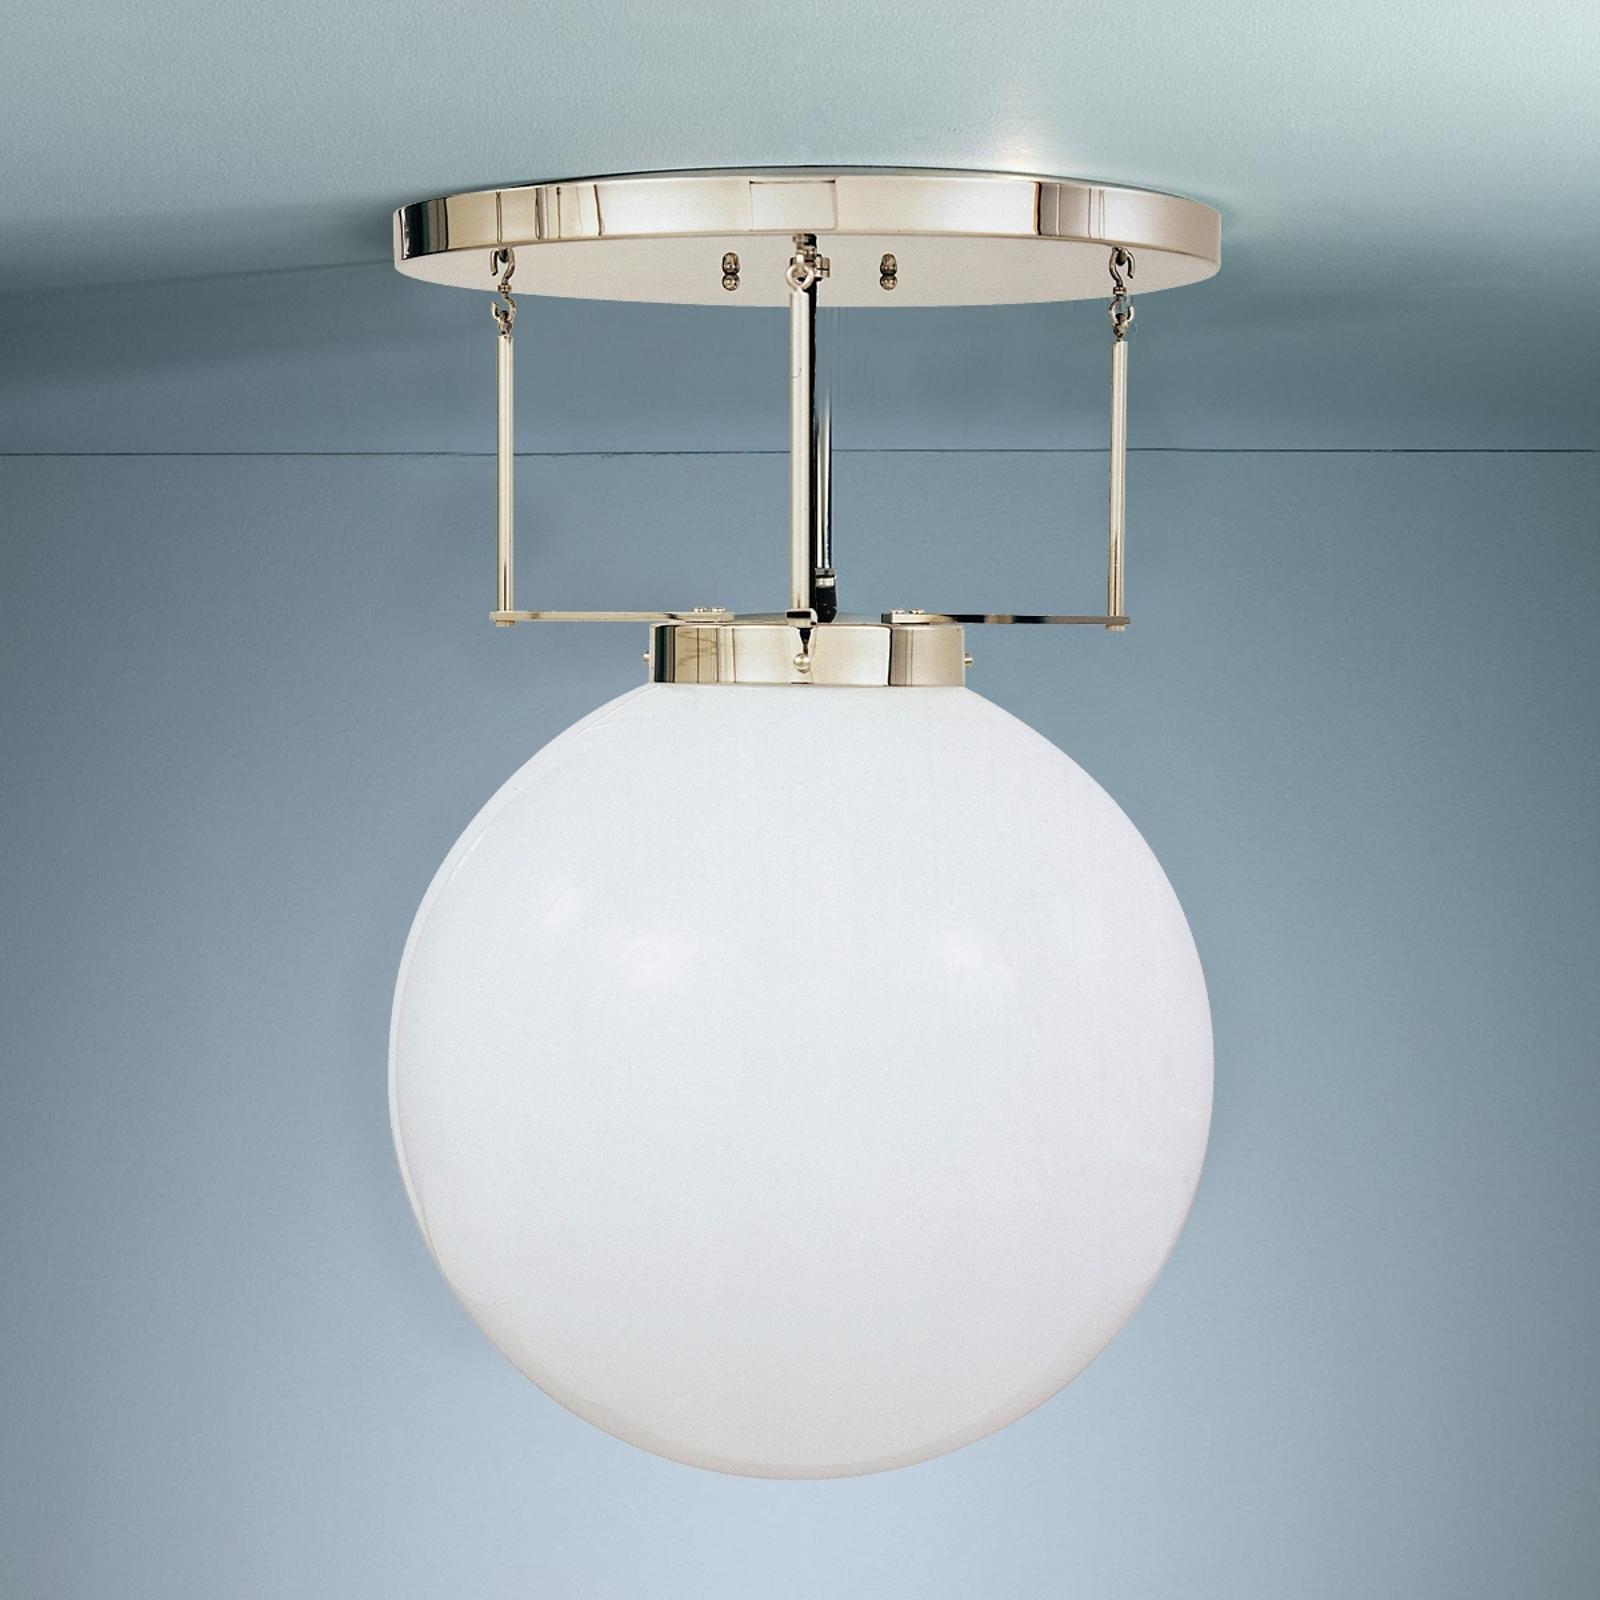 Lampa sufitowa w stylu Bauhaus 40 cm